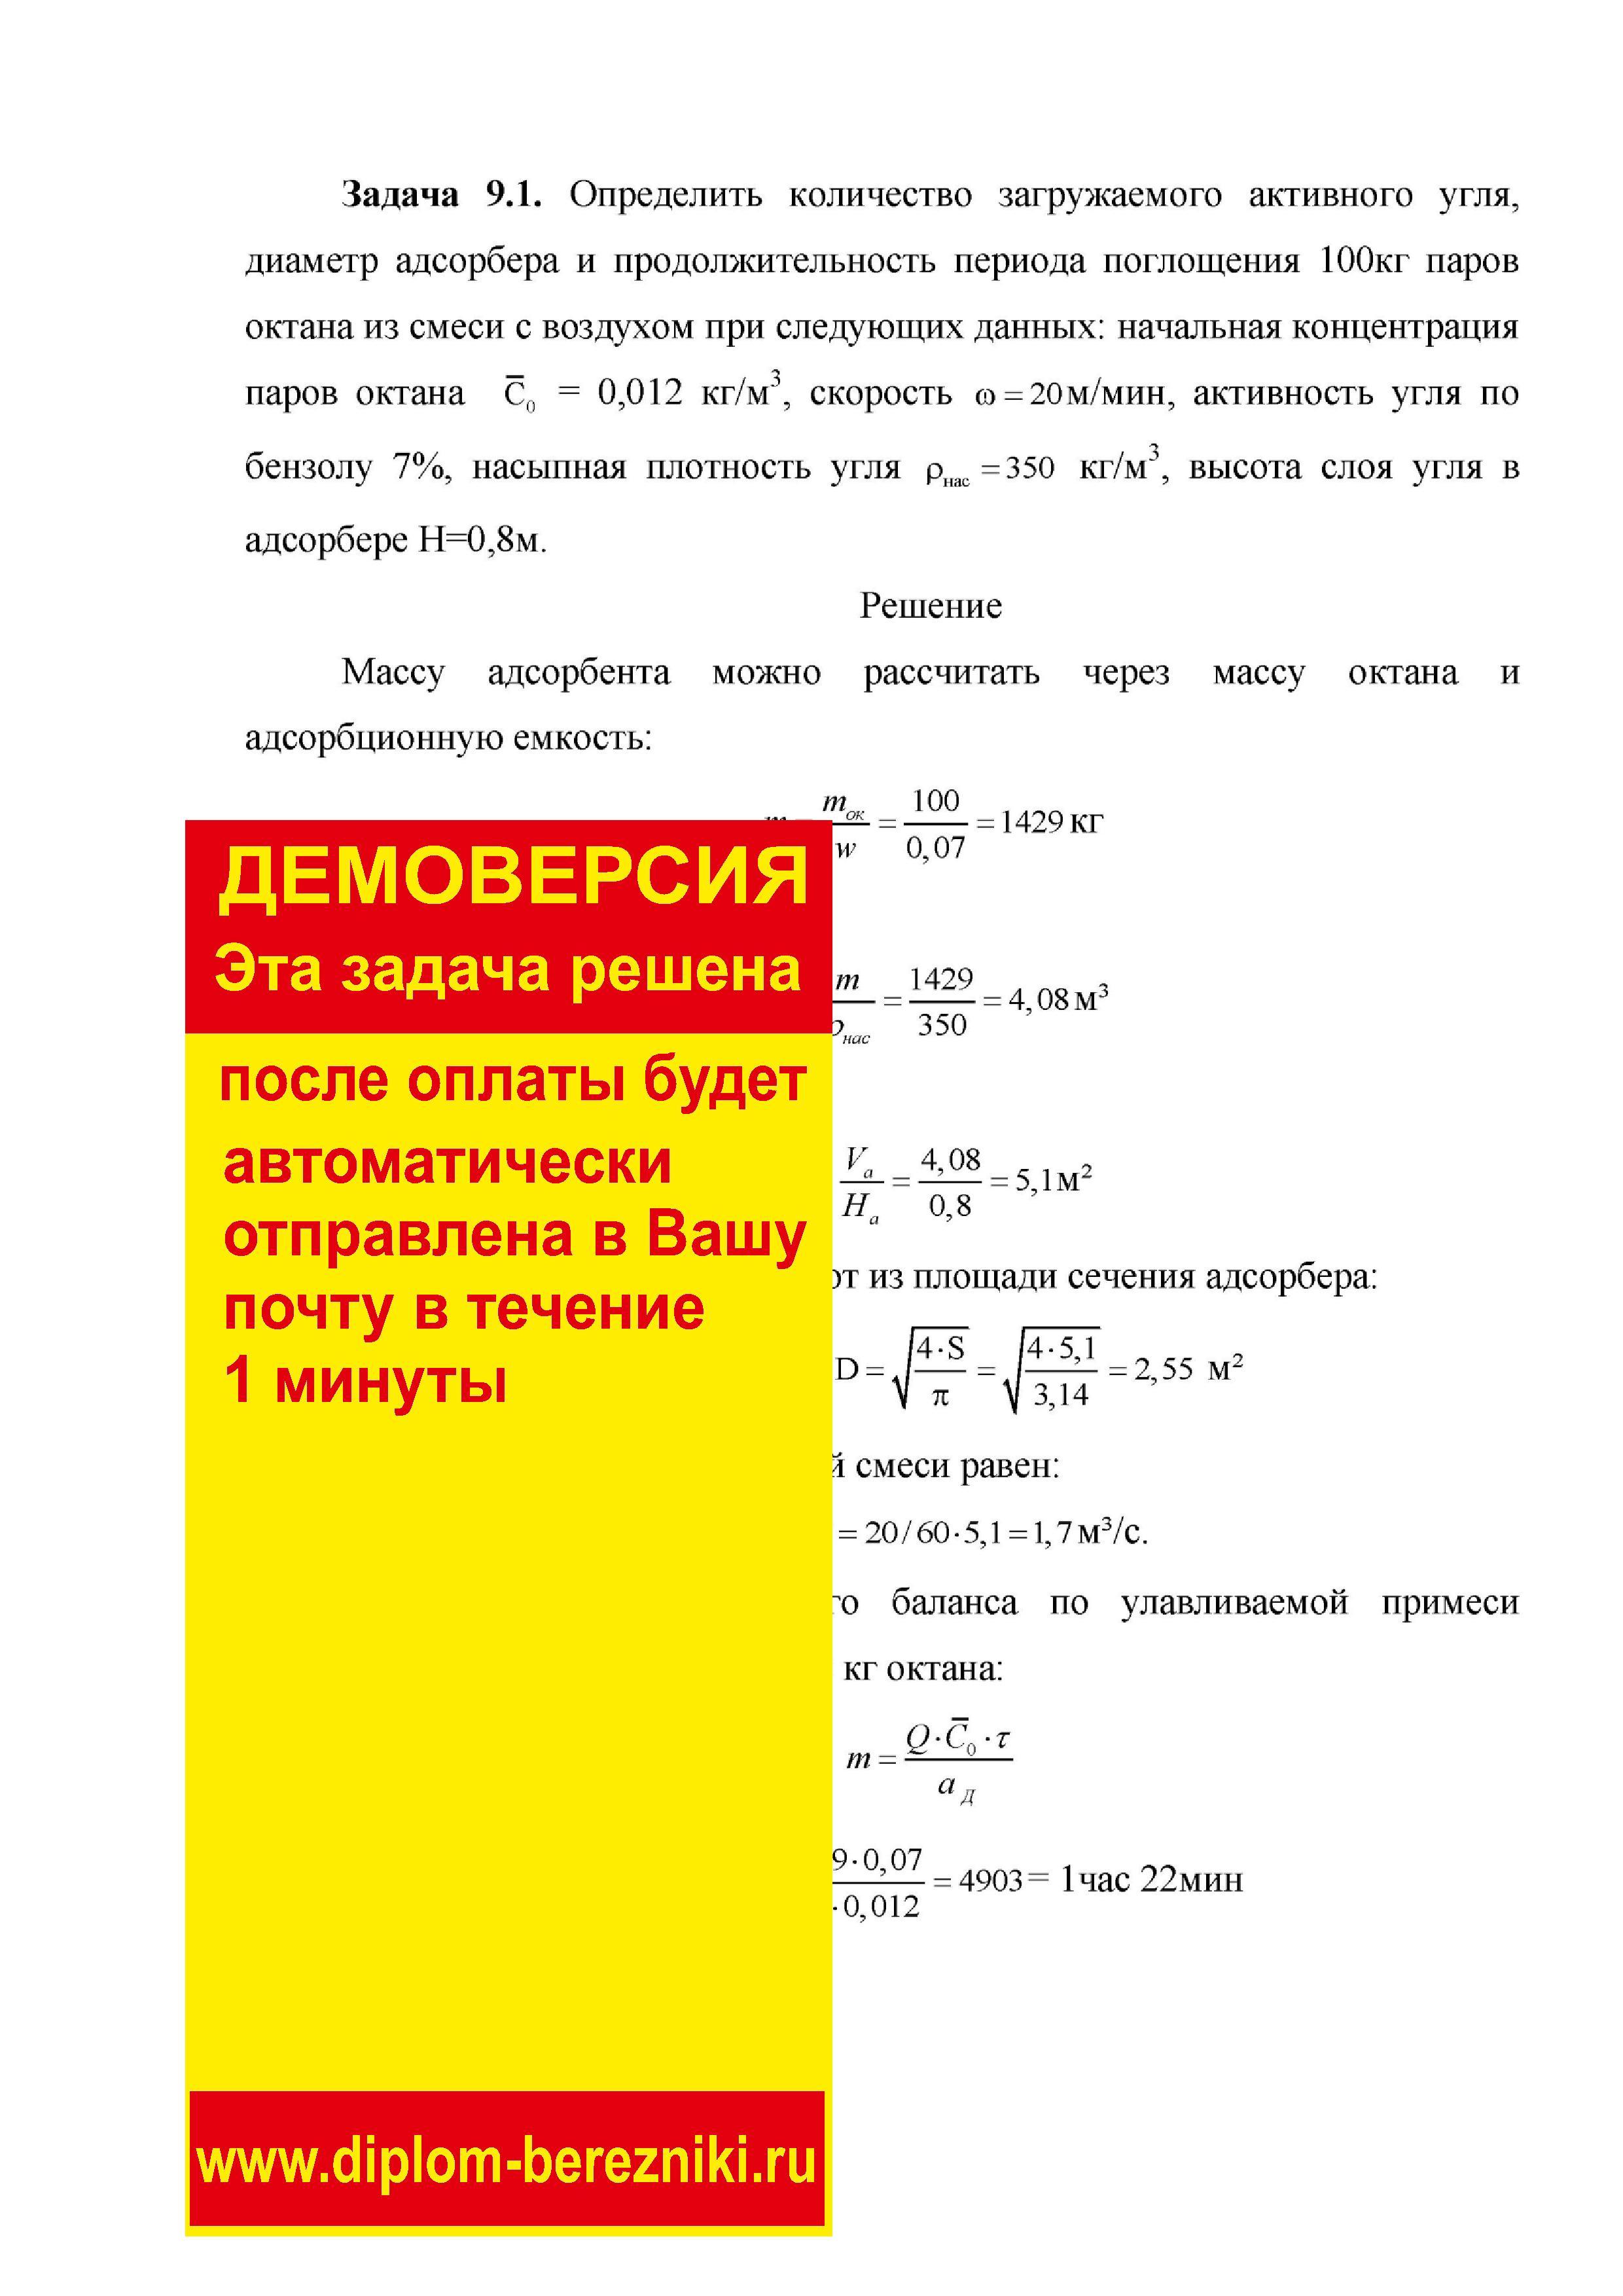 Решение задачи 9.1 по ПАХТ из задачника Павлова Романкова Носкова